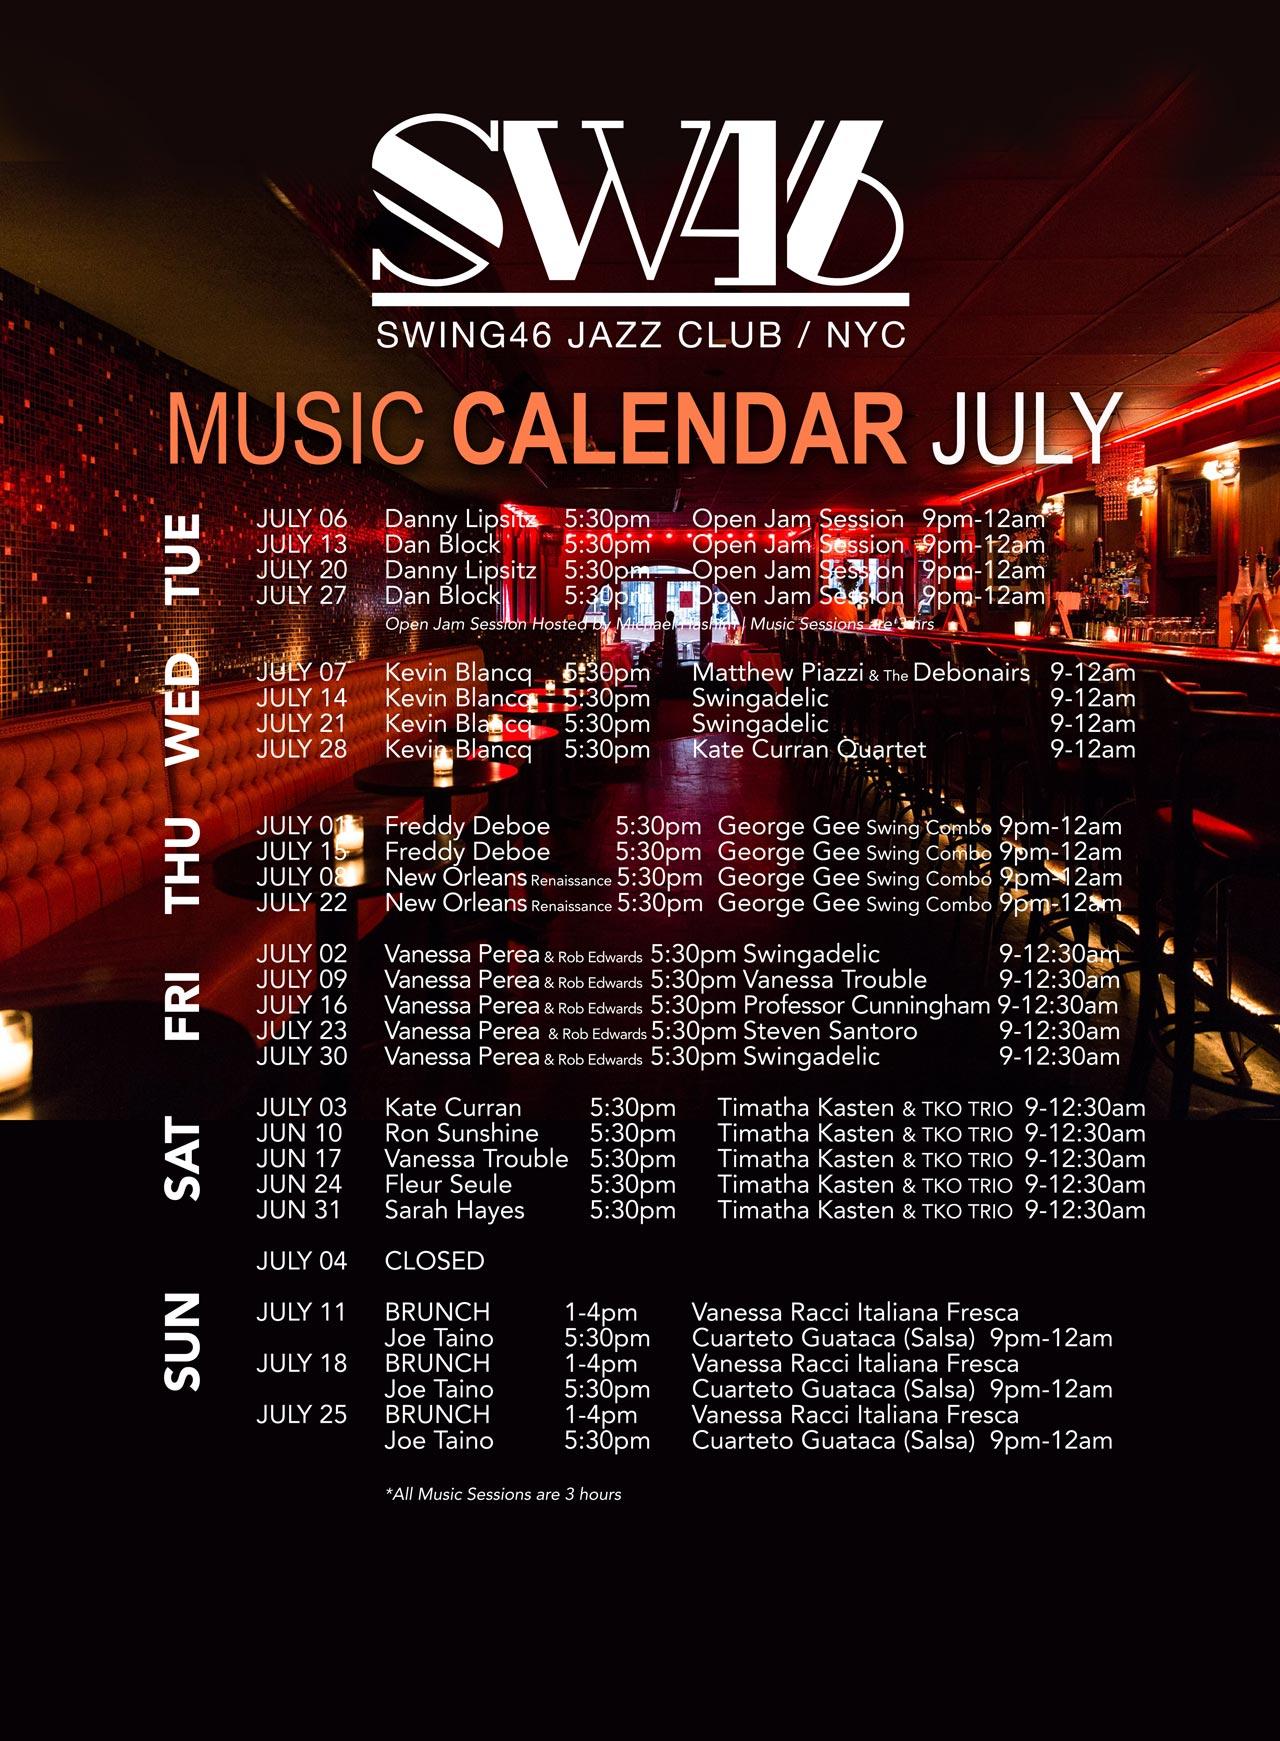 MUSIC CALENDAR POSTER JULY